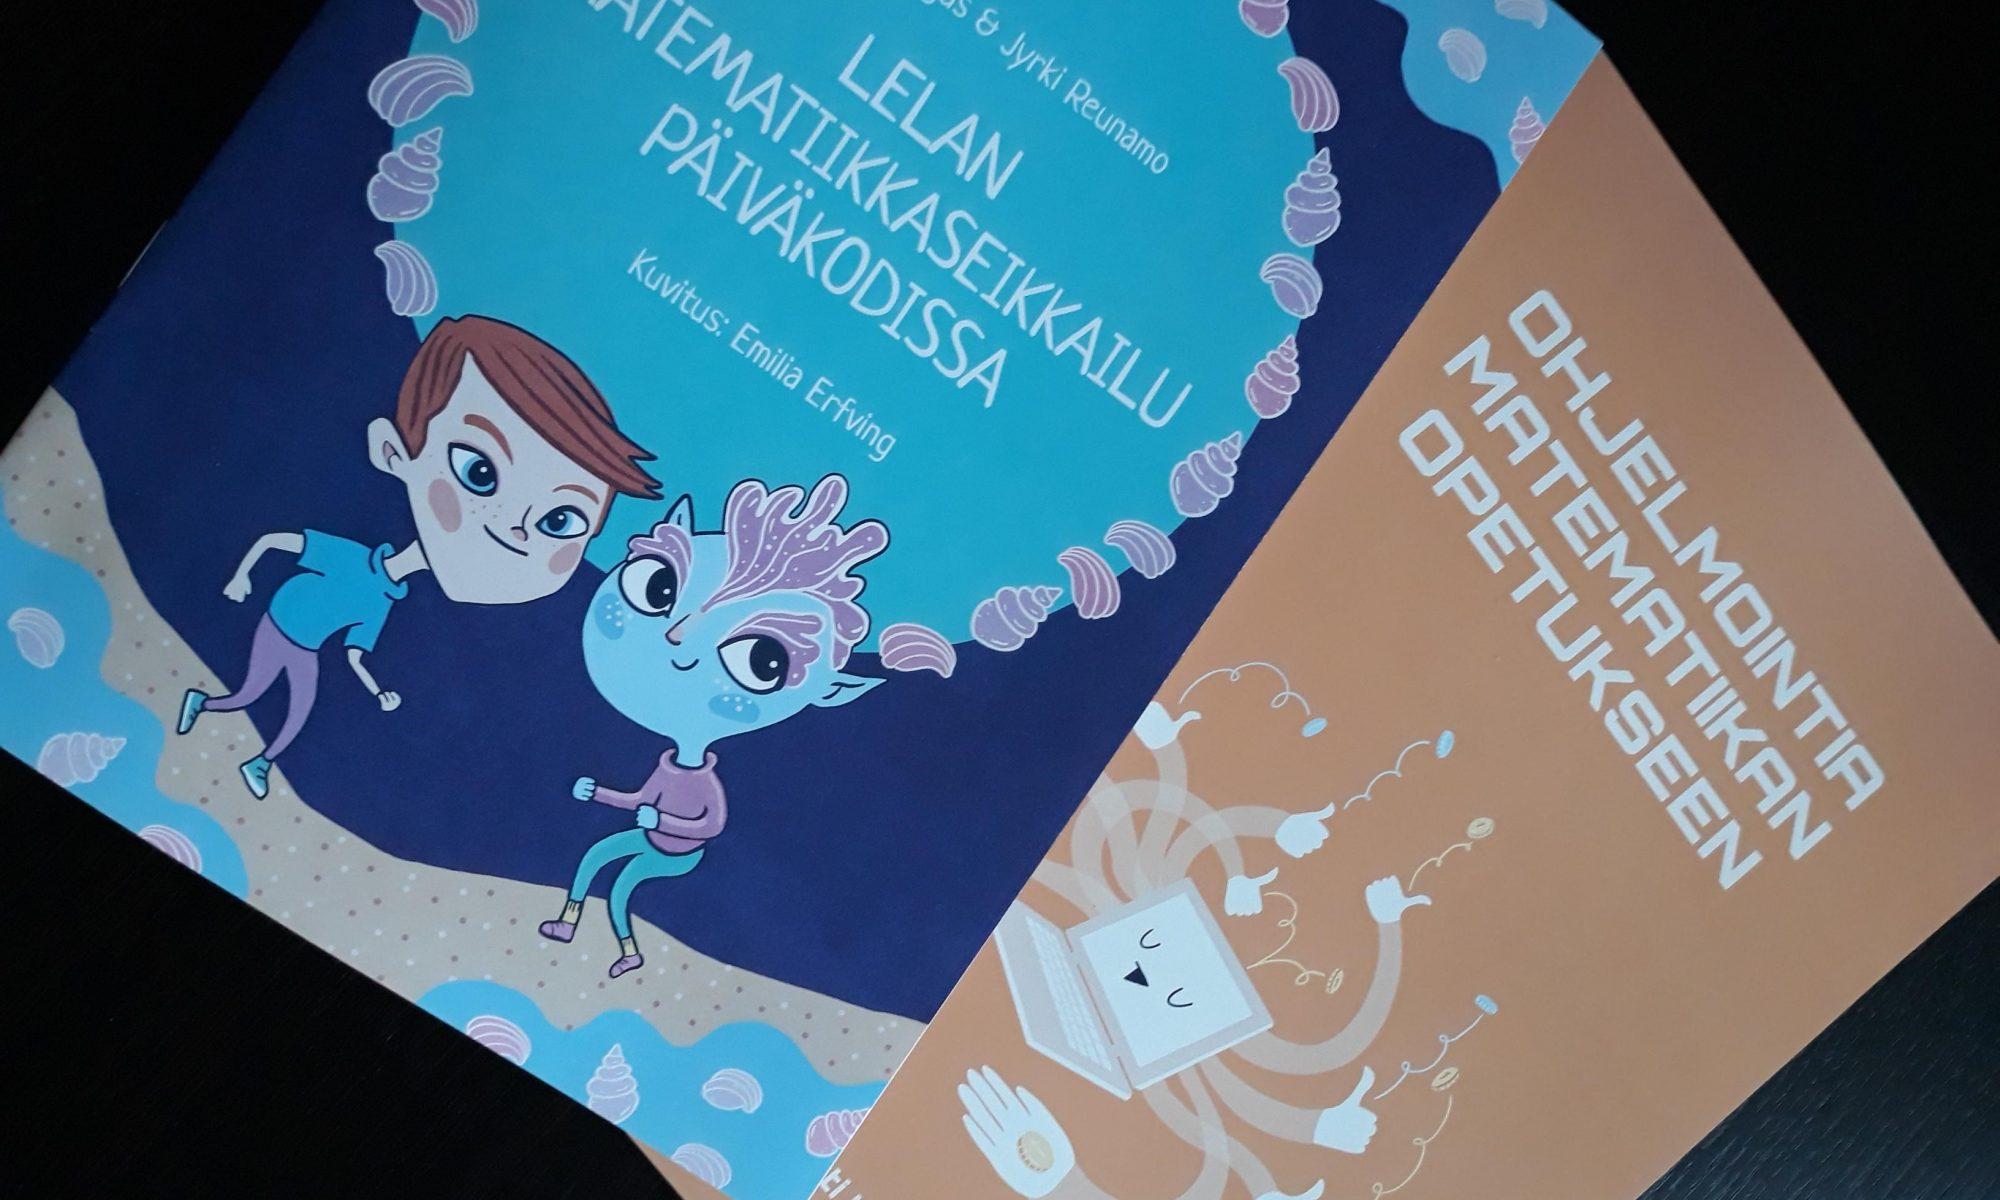 foto av böcker Lelan matematiikkaseikkailu päiväkodissa och Ohjelmointia matematiikan opetukseen.